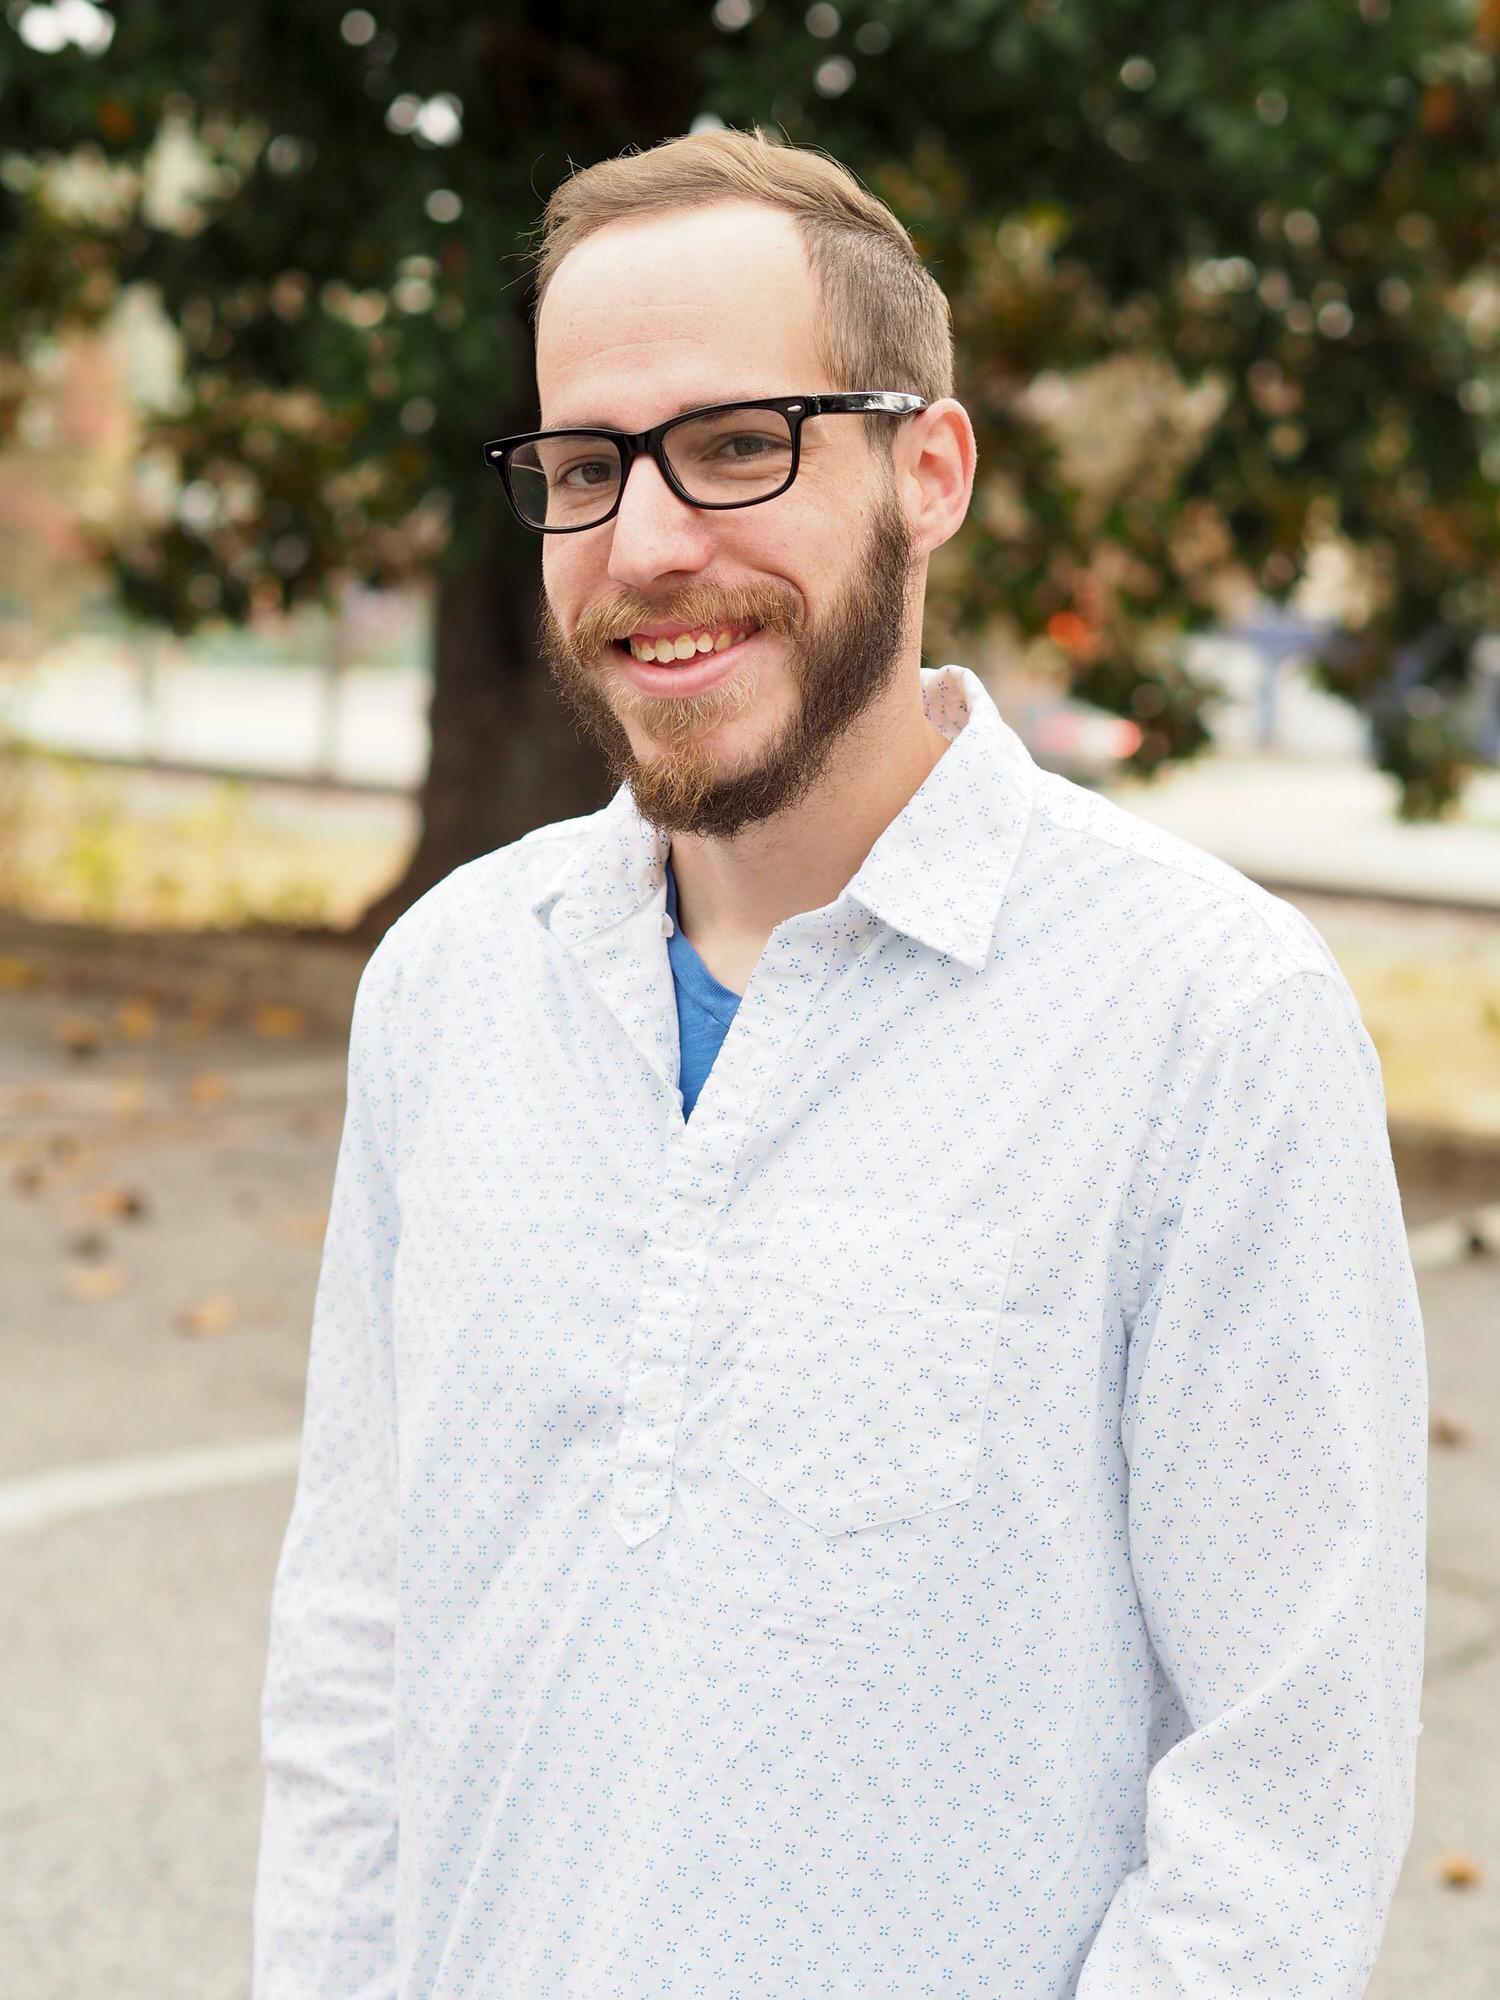 brent-web-developer